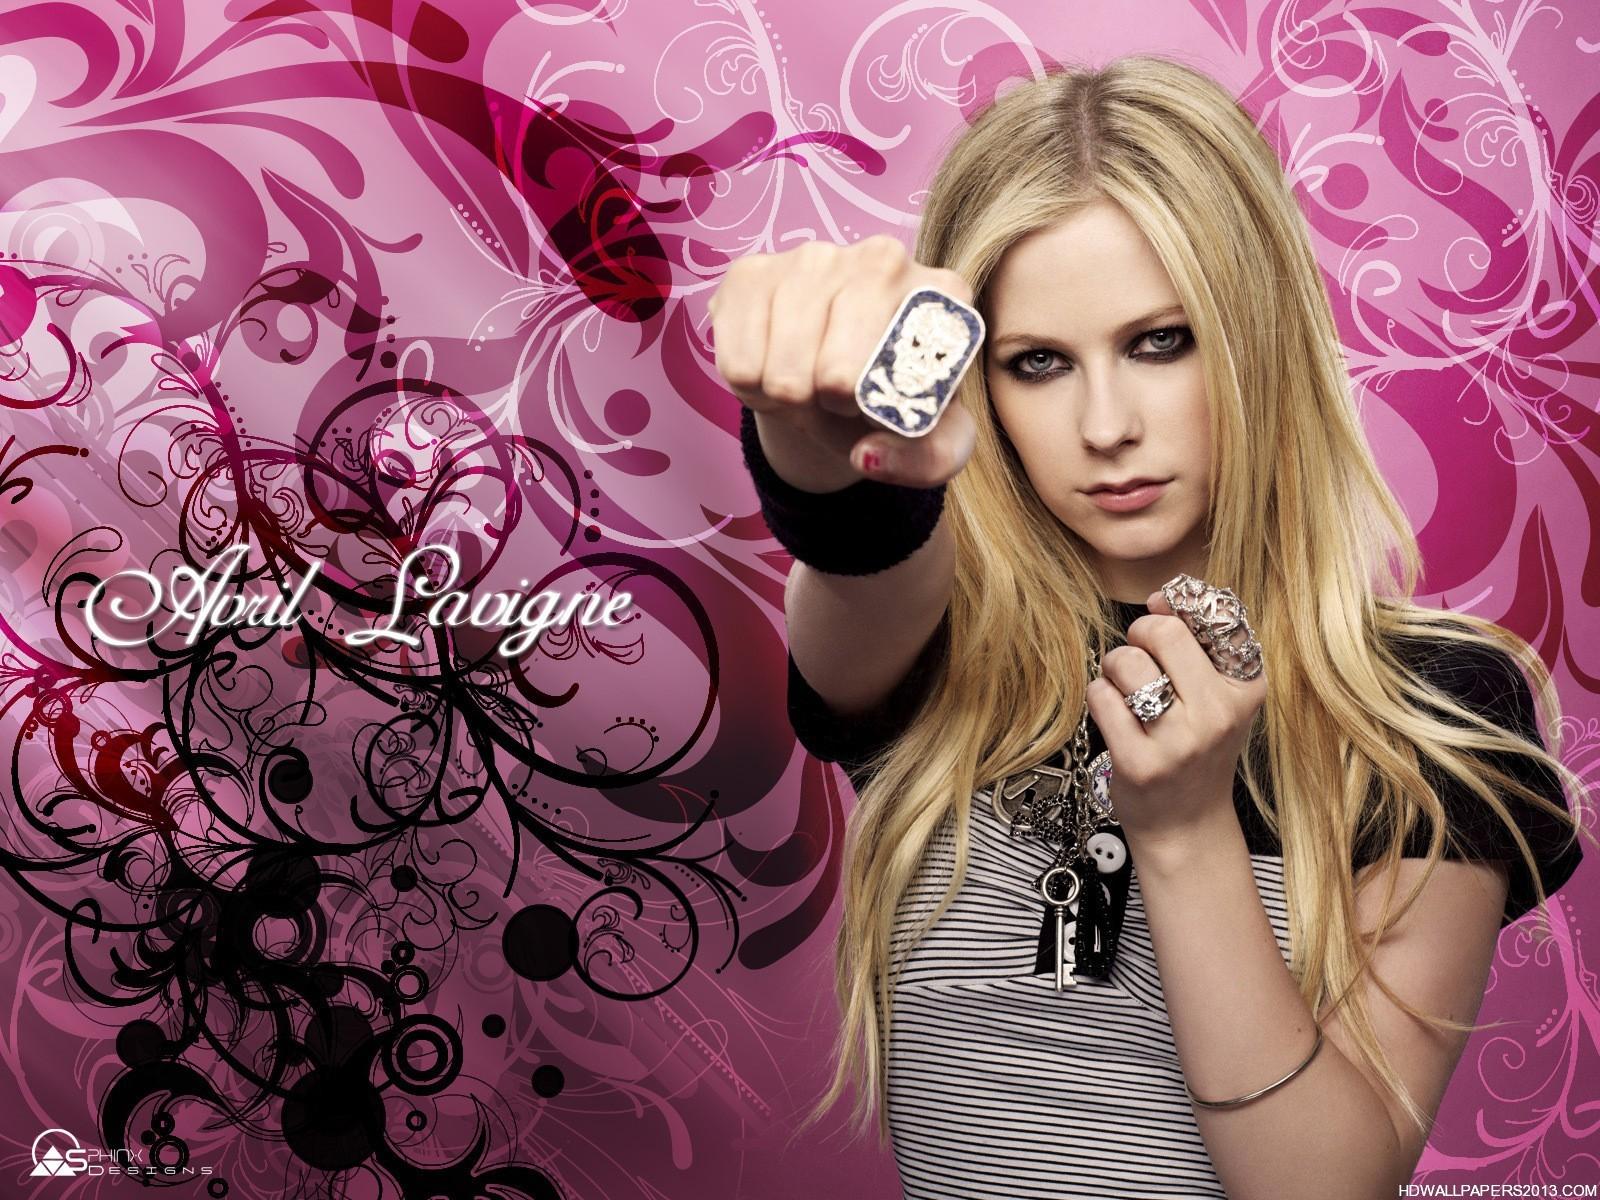 http://1.bp.blogspot.com/-6rLHaIjyaFA/UWVHSQwghqI/AAAAAAAAJ5I/mdn8Hq_3RK0/s1600/Avril+Lavigne+Beautiful+hd+Wallpapers+2013_6.jpg